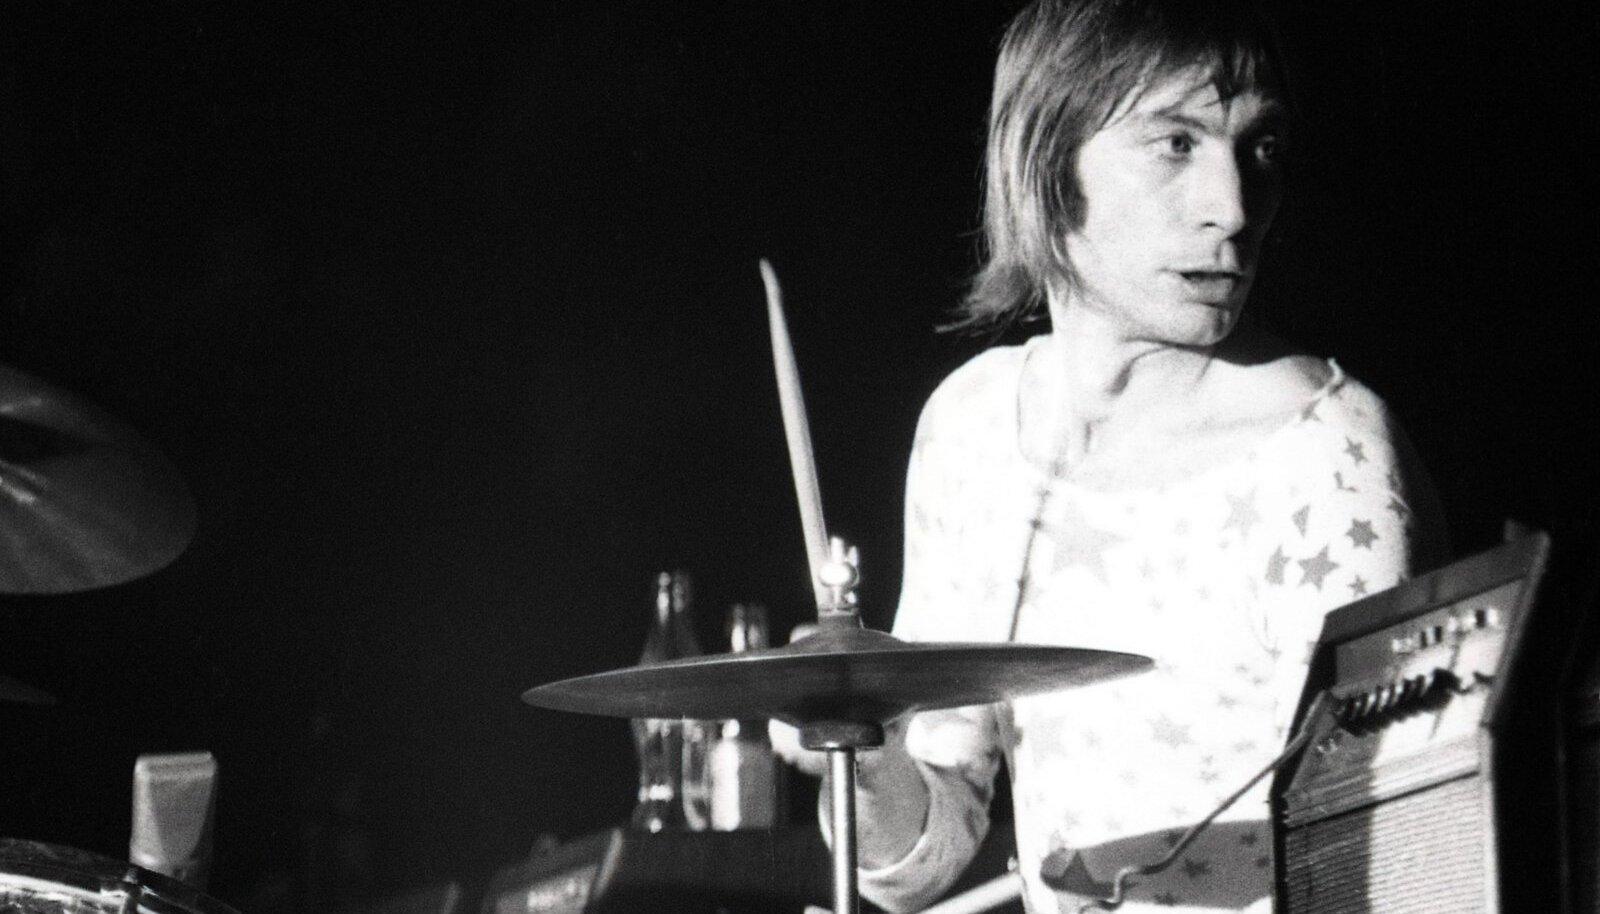 DŽÄSSISÕBER: Charlie Watts 1970. aastal kontserdil Pariisis.